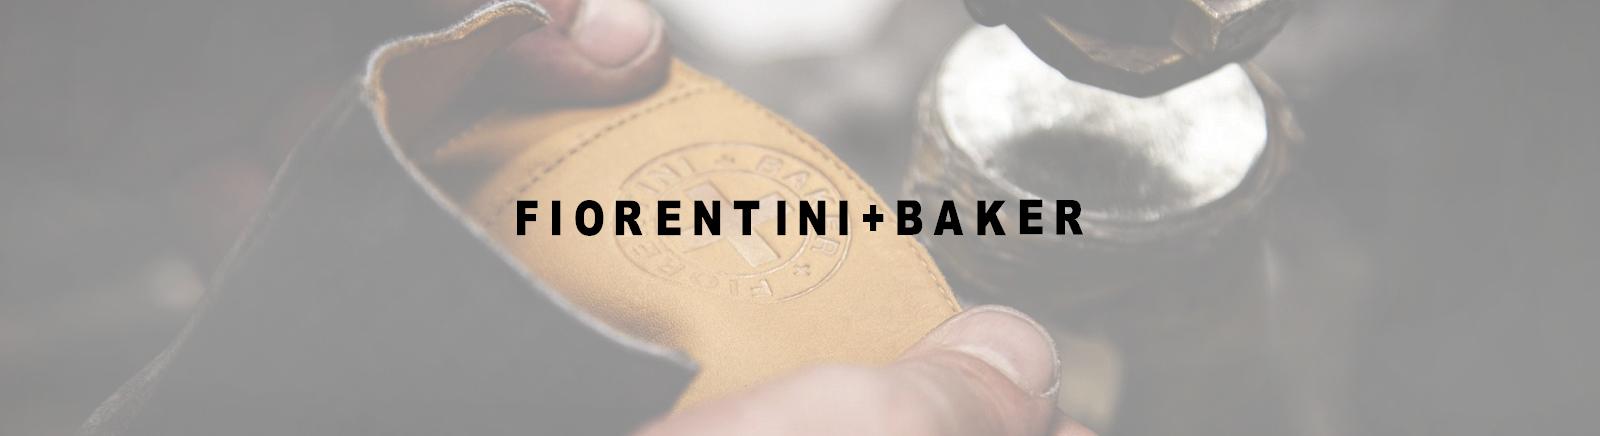 Gisy: Fiorentini + Baker Damenschuhe online shoppen